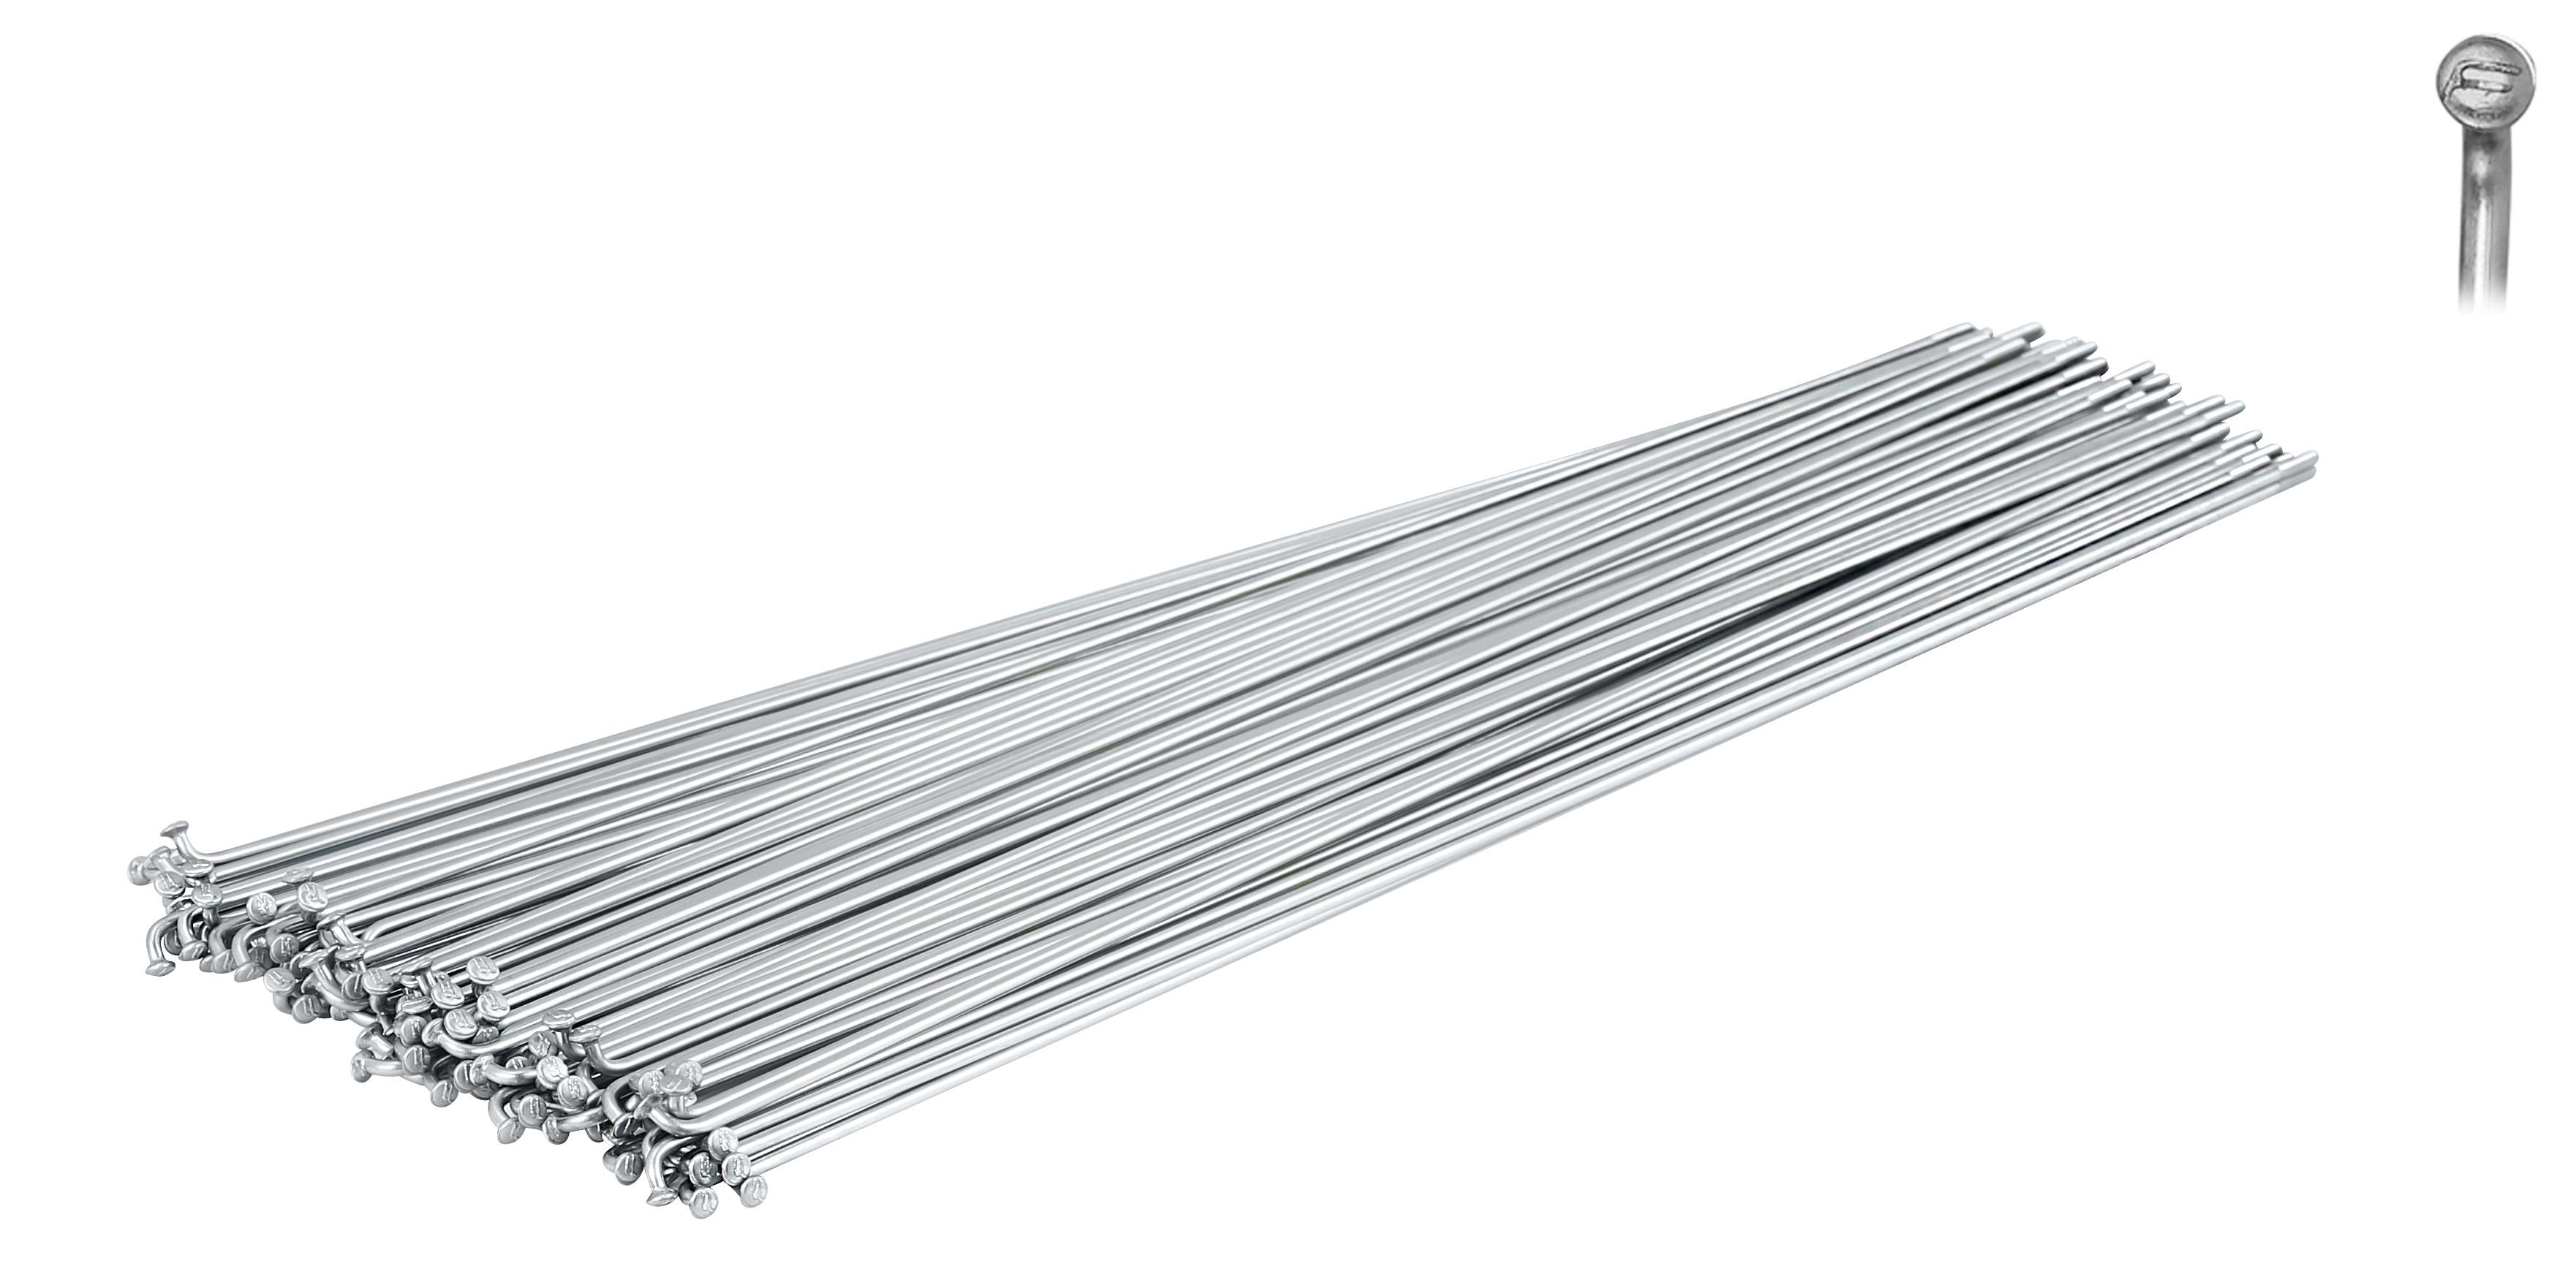 dráty FORCE nerez stříbrné 2 mm x 282 mm